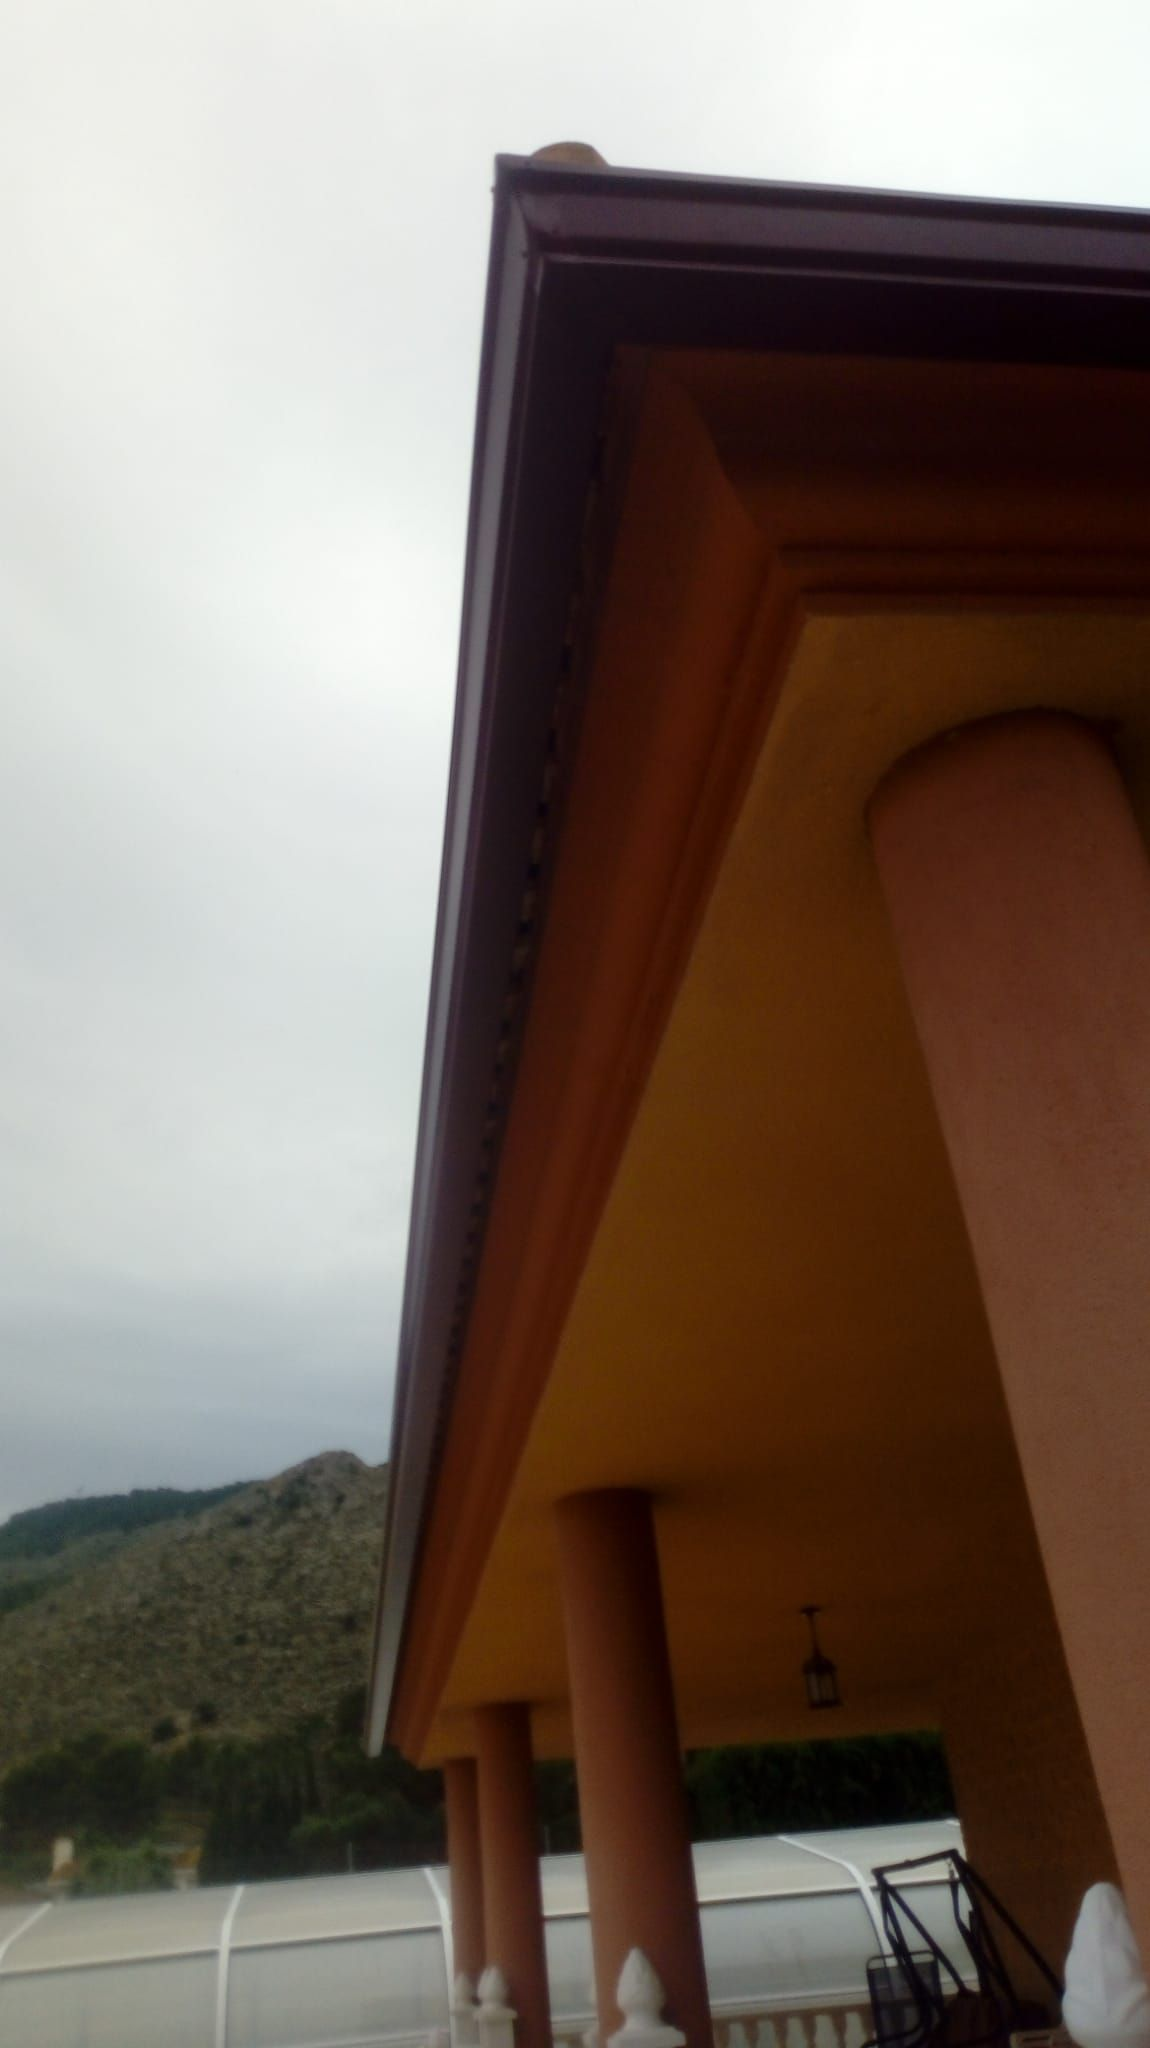 Instalación de canalones Alicante